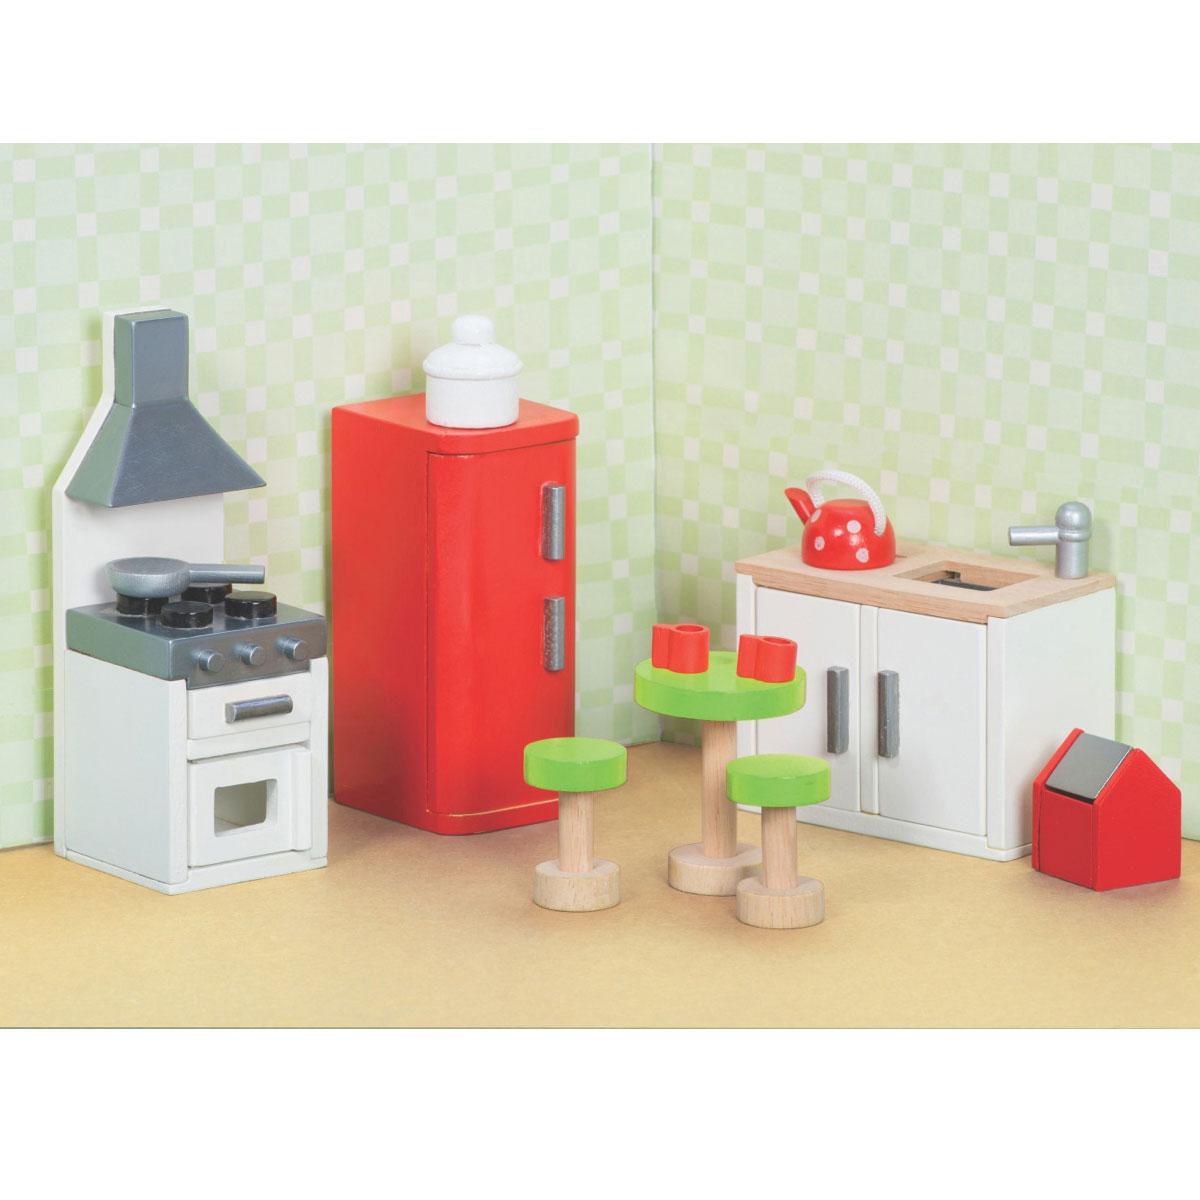 Schön Le Toy Van Sugar Plum Kitchen